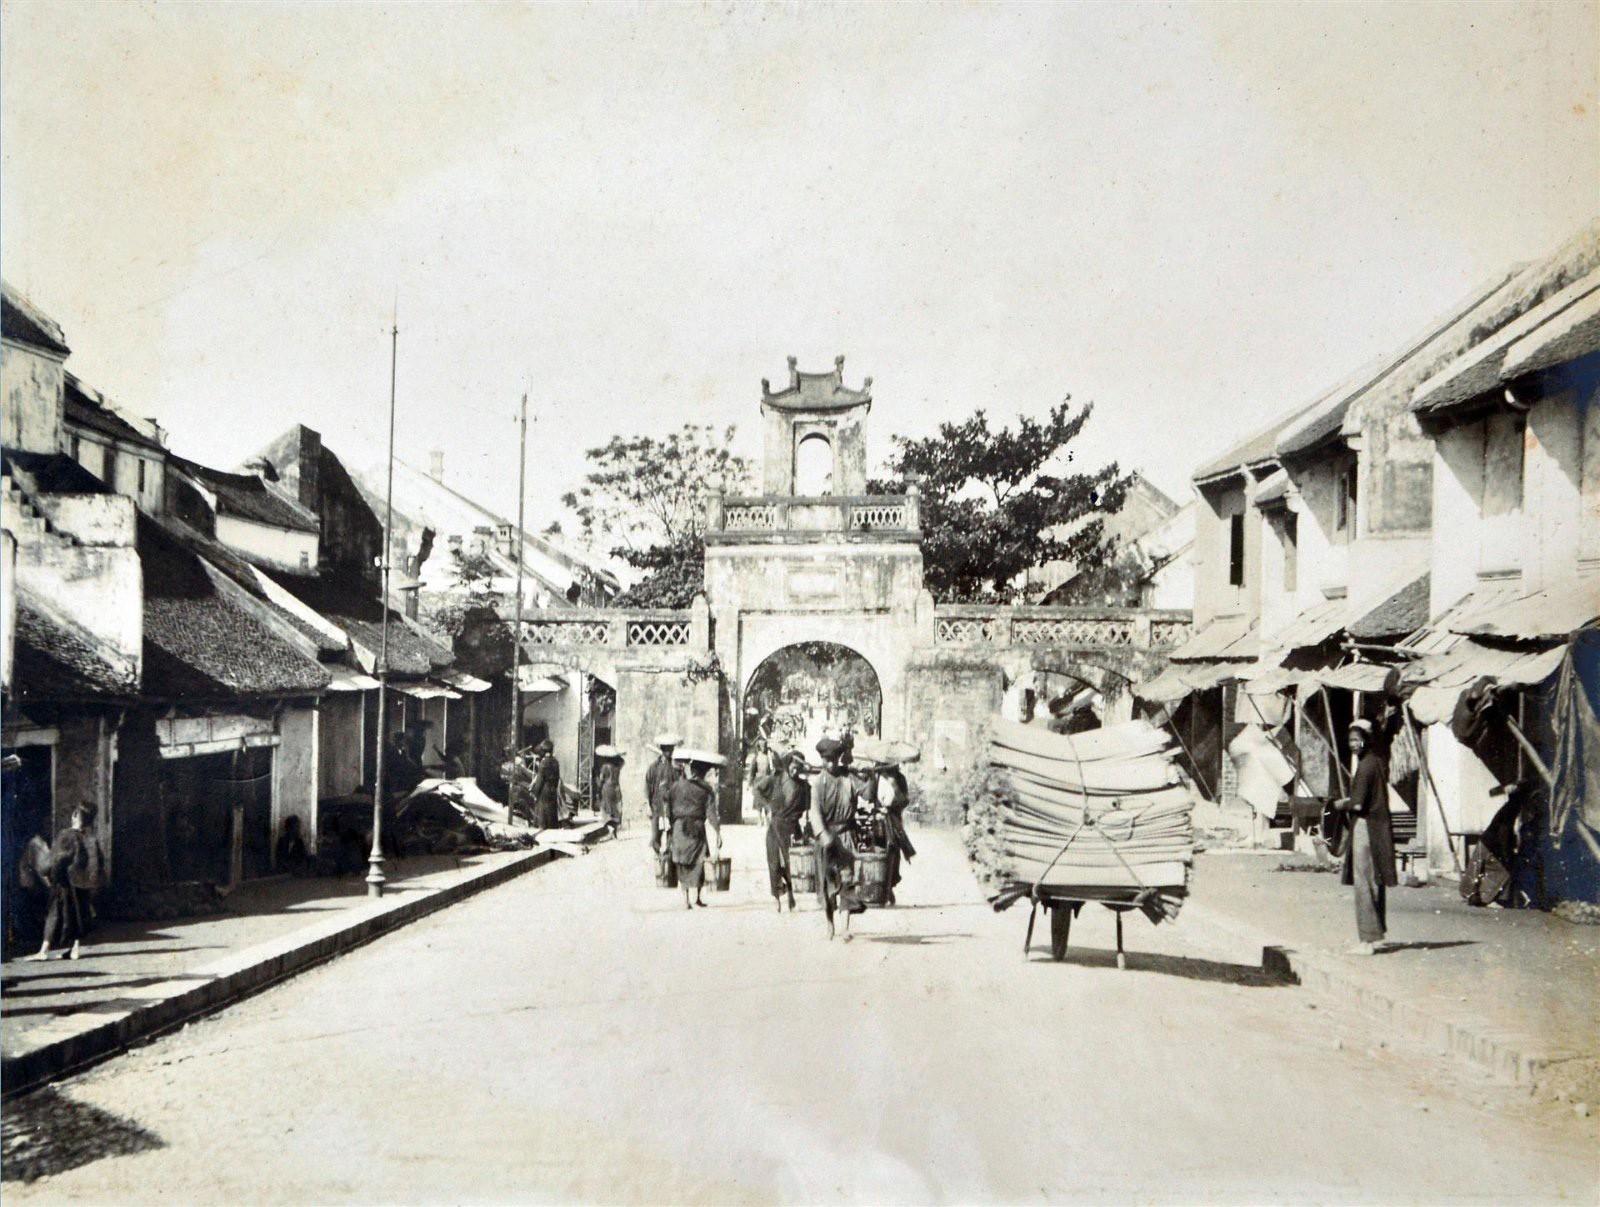 Hà Nội những năm 1890-1895 qua ống kính của Raphaël Moreau